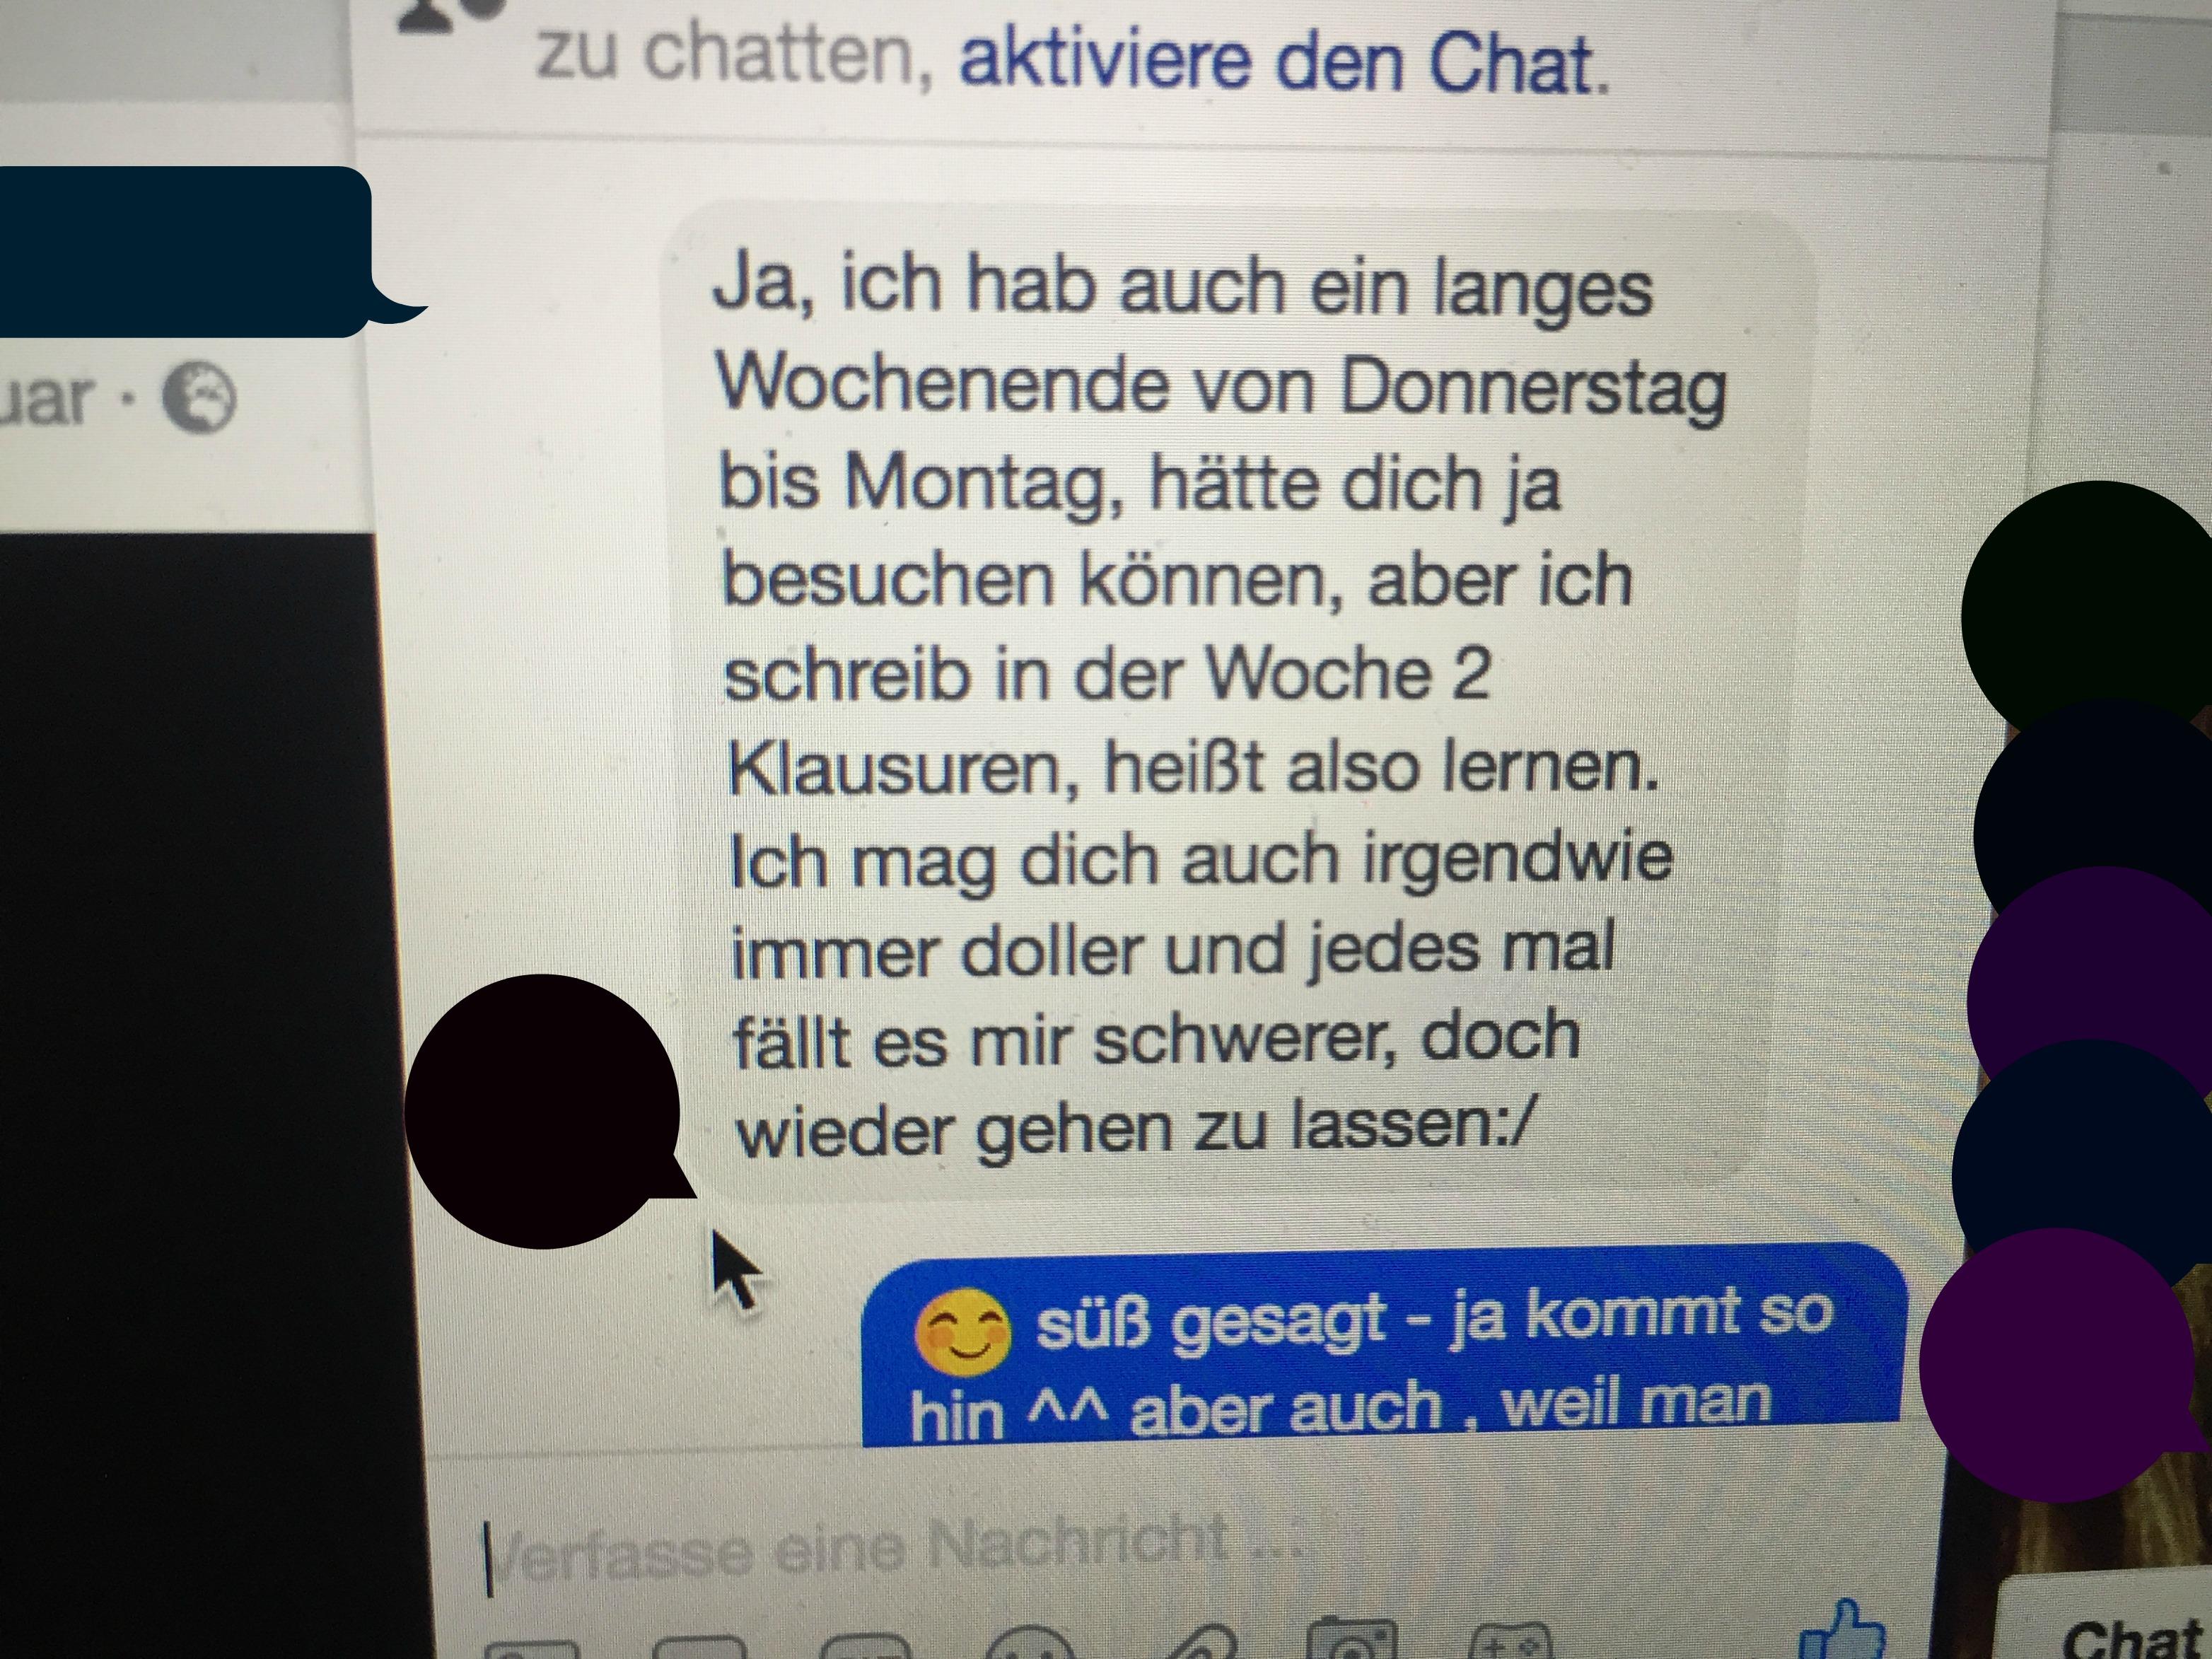 FRAUEN IN DER NÄHE FICKEN ÜBER 60 UND IMMER NOCH GEIL